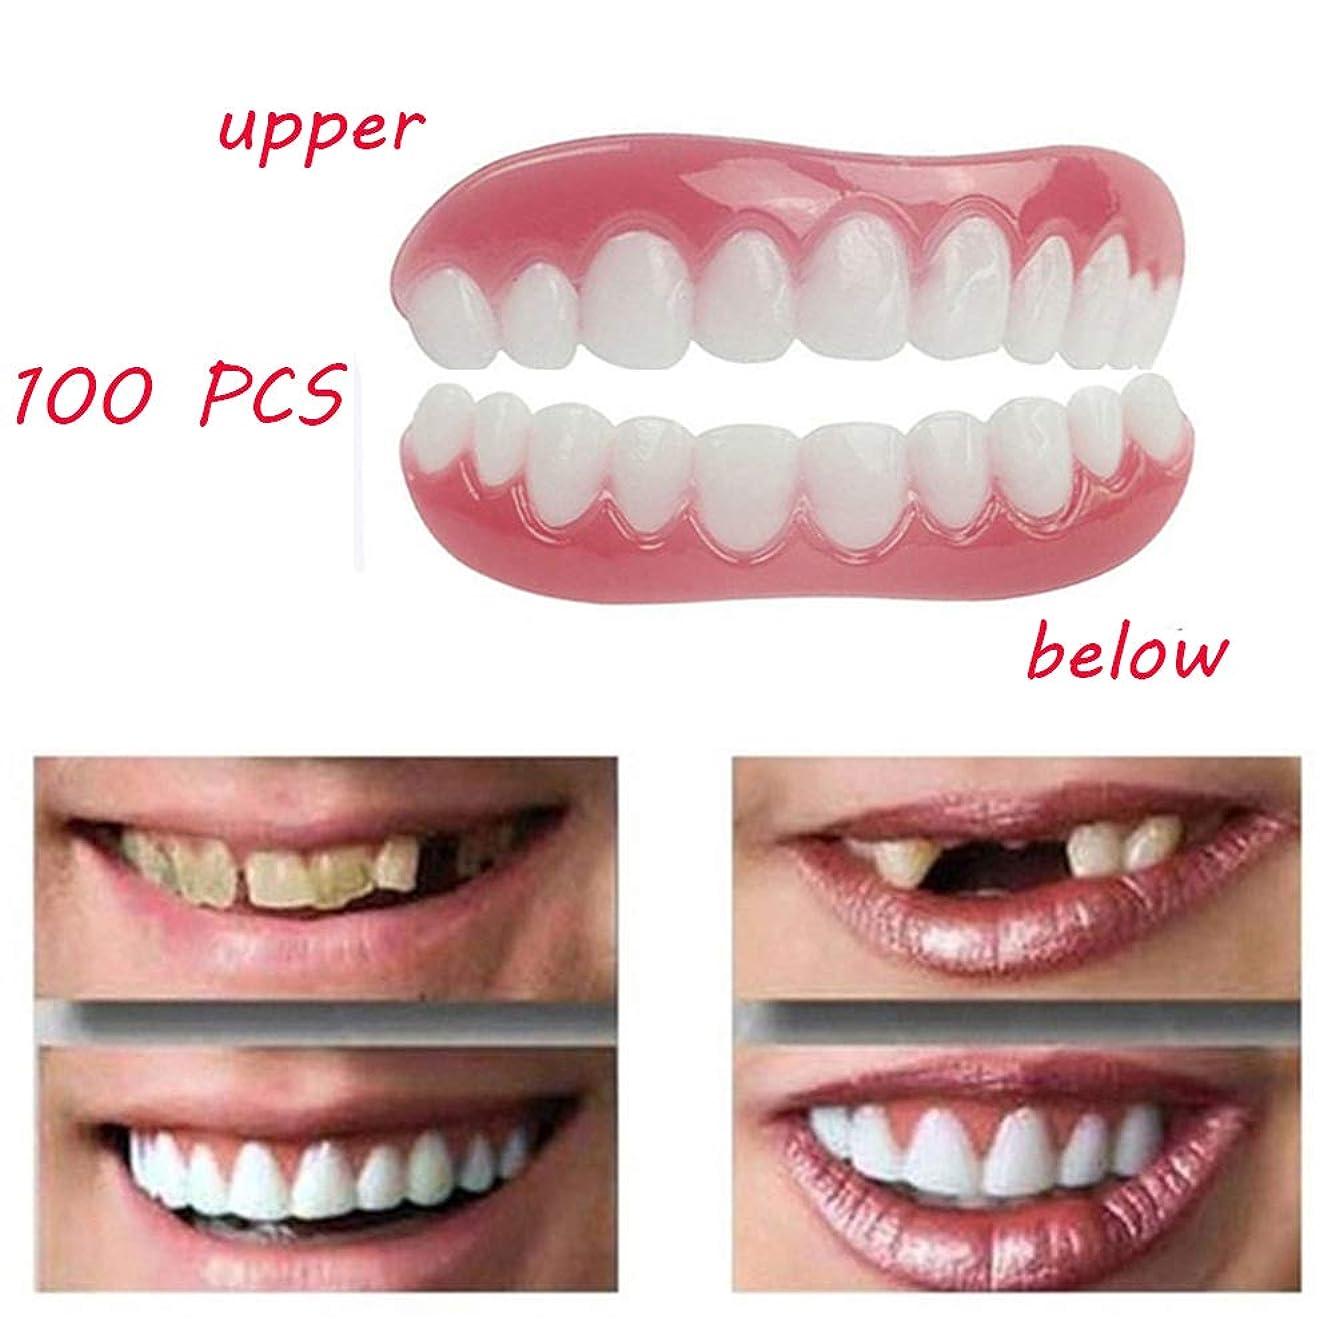 試みる口径メンテナンス100 PCSホワイトニング義歯上下快適なソフトベニア化粧品ベニヤ歯ほとんどの人に適したサイズ口腔衛生ケア美容ツール